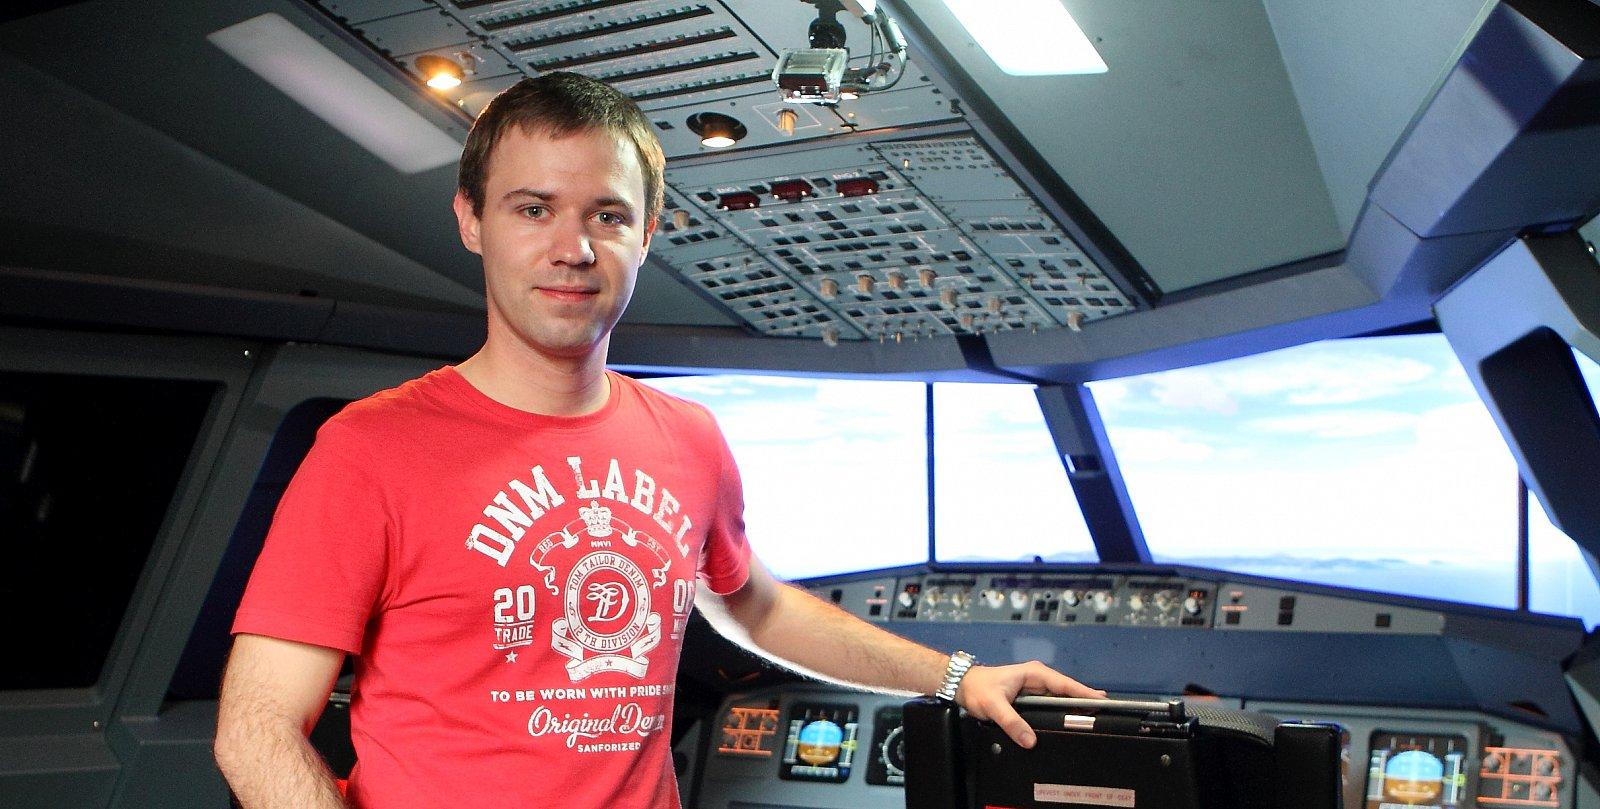 Olivera jsme fotili stylově v leteckém simulátoru iPilot Praha.